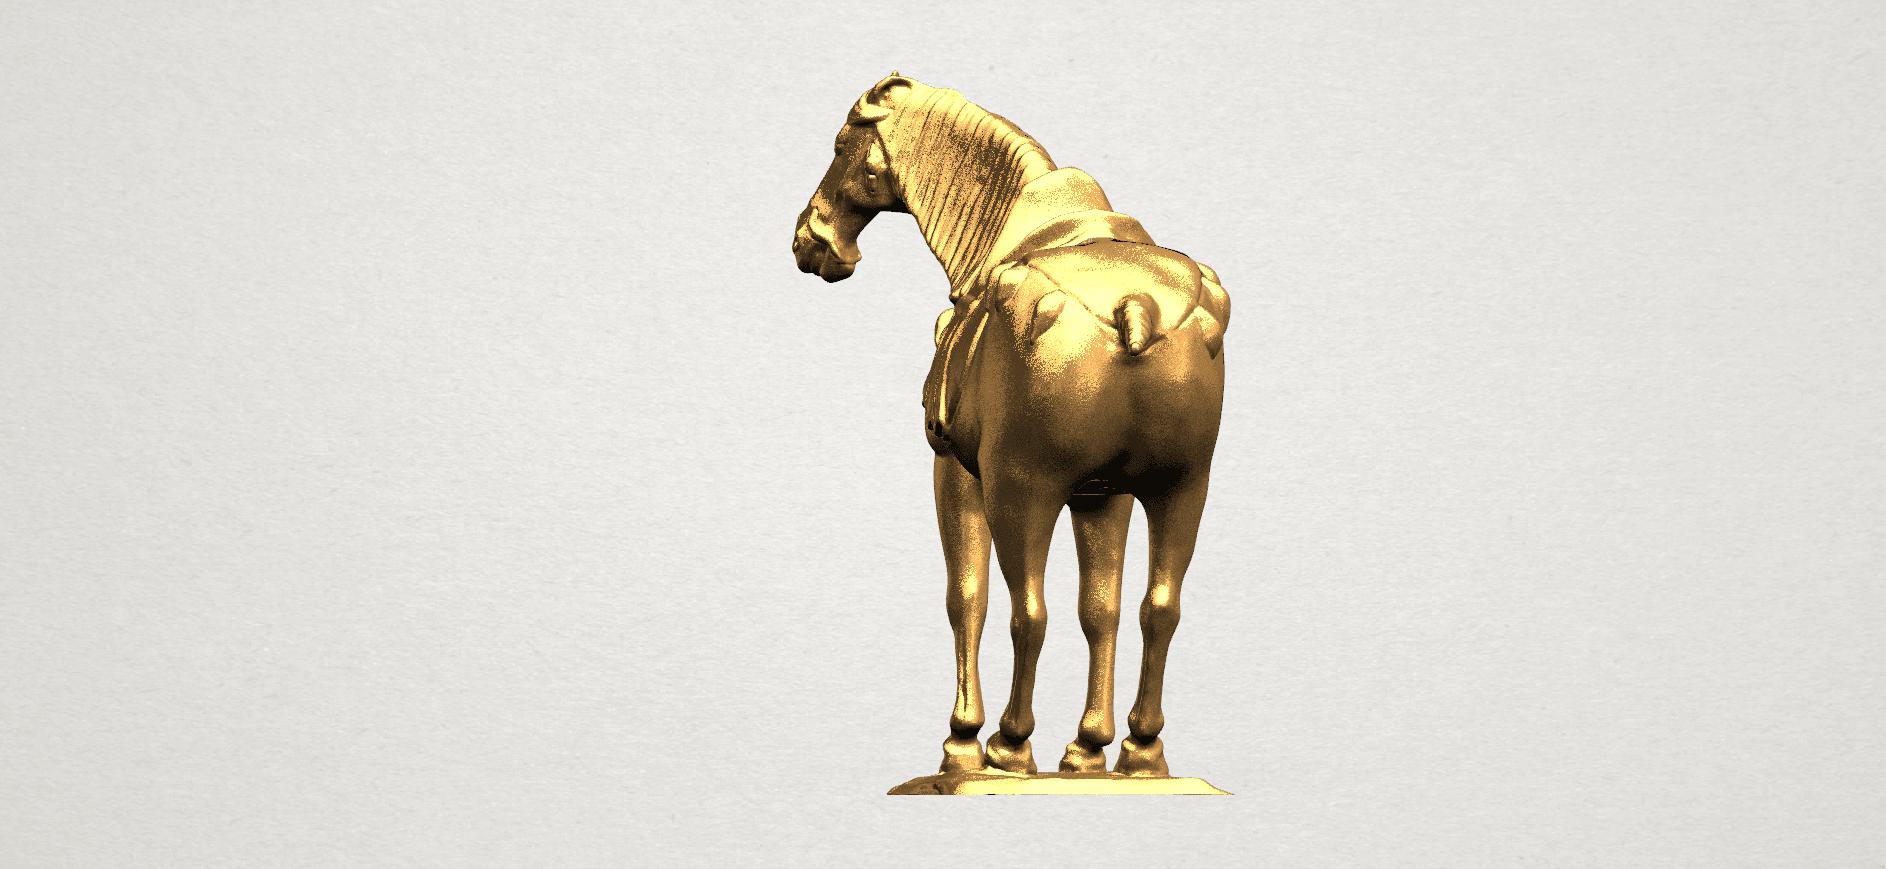 Horse (iv) A03.png Télécharger fichier STL gratuit Cheval 04 • Design à imprimer en 3D, GeorgesNikkei